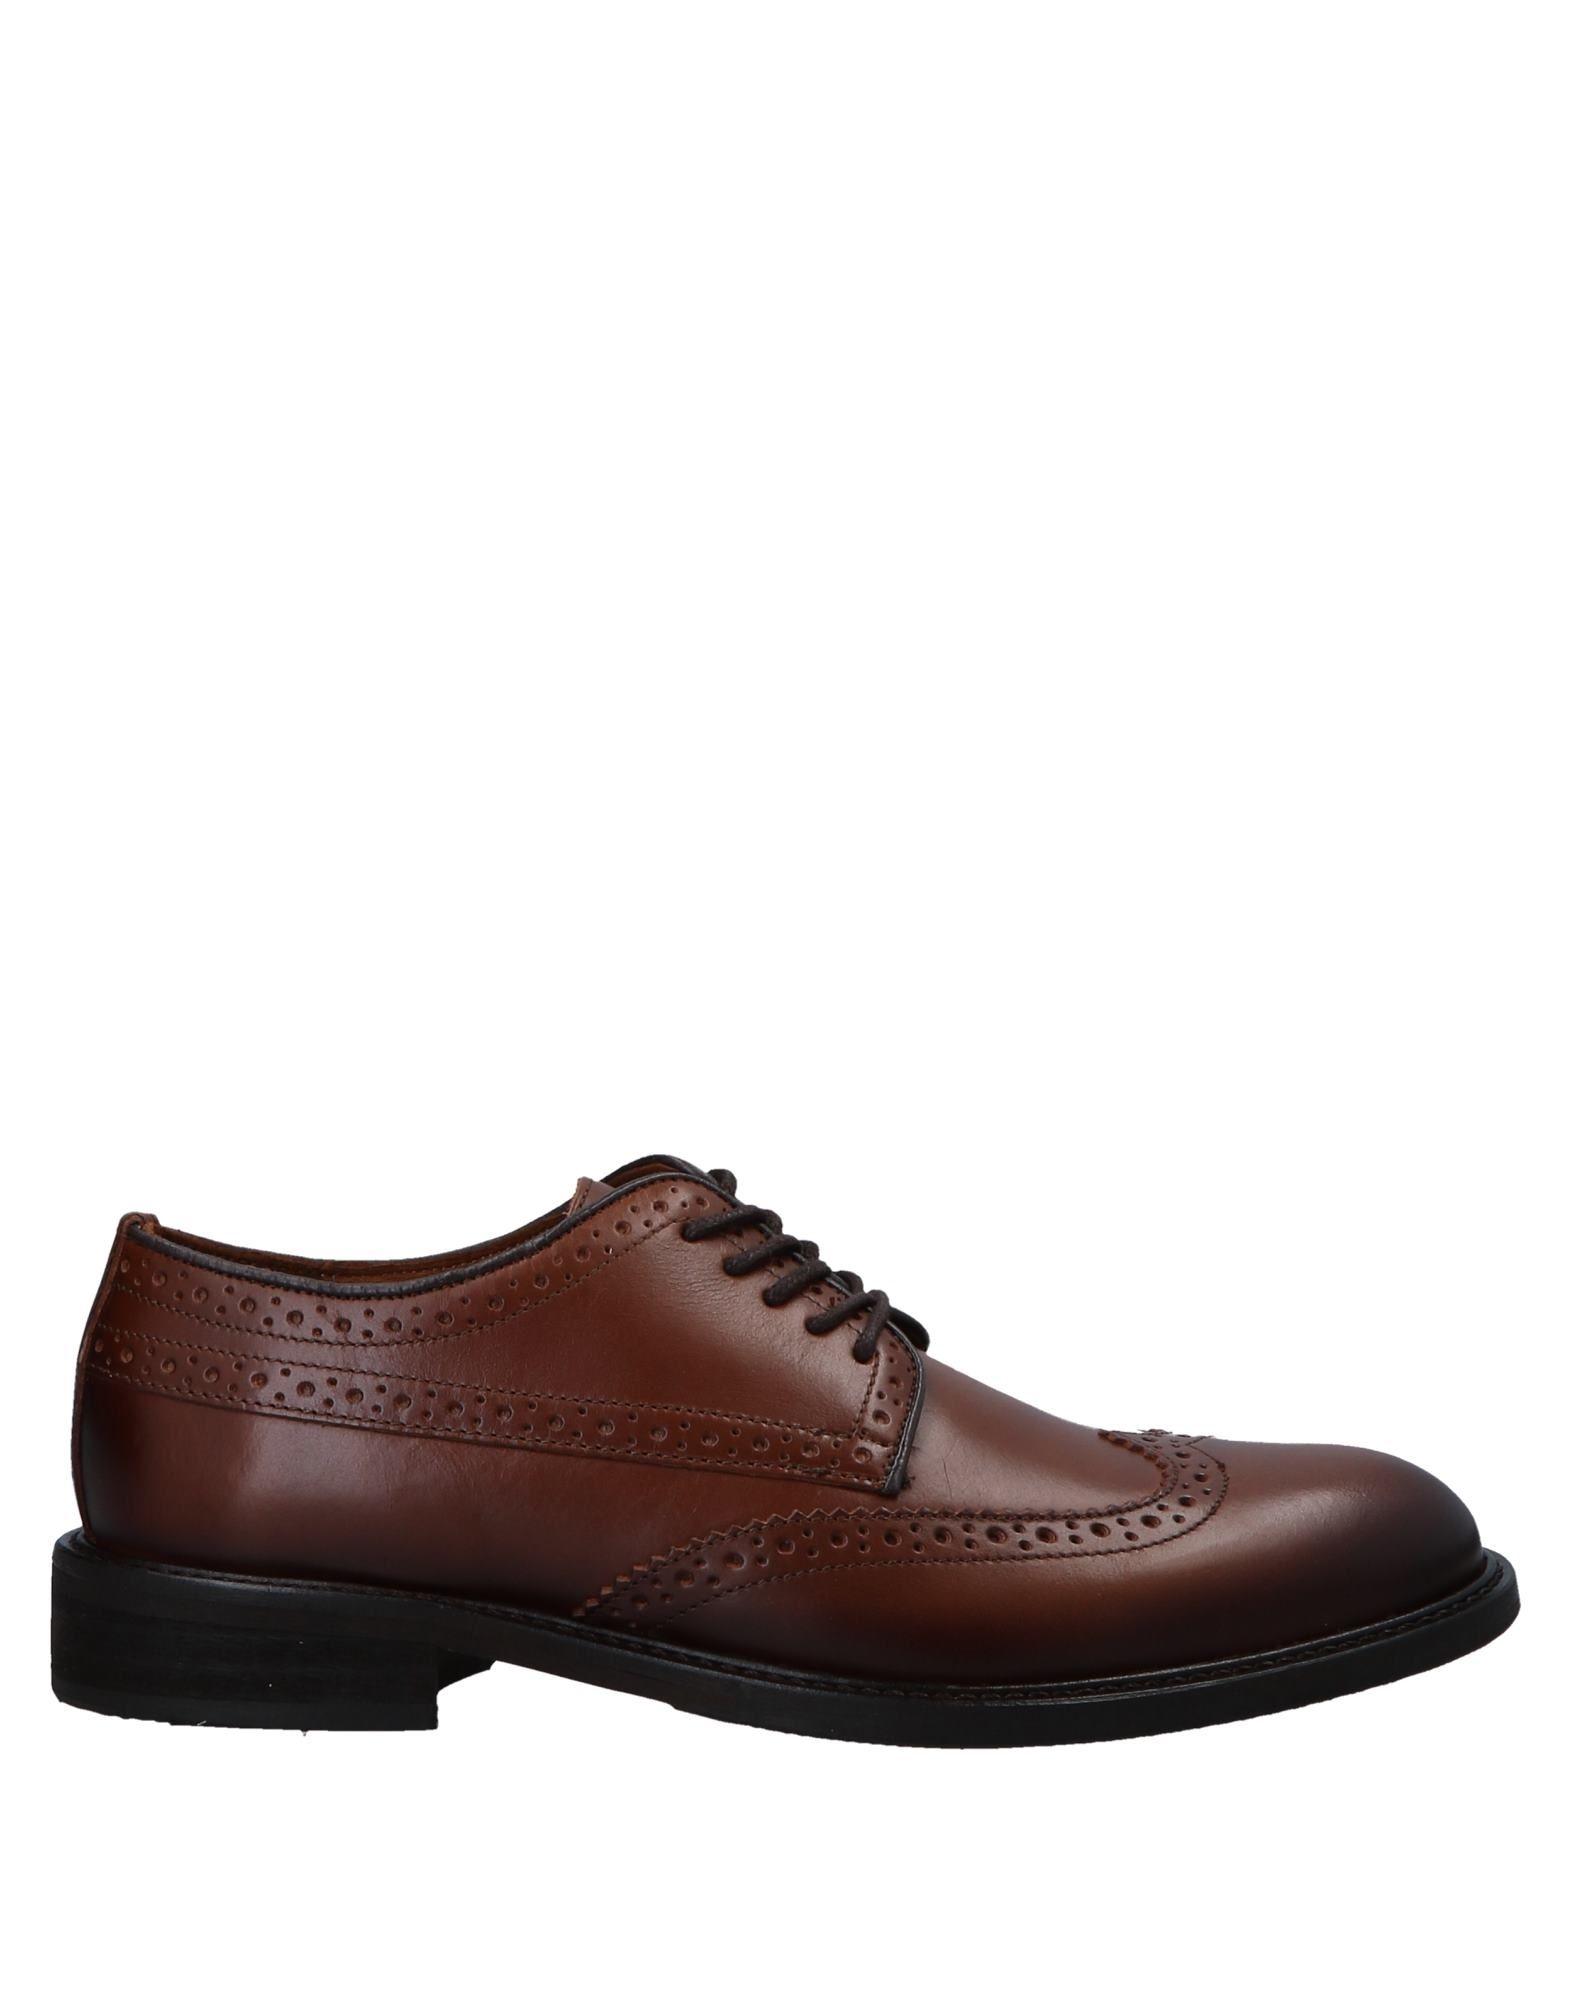 Stivali Casadei Donna - 11536720PE Scarpe economiche e buone